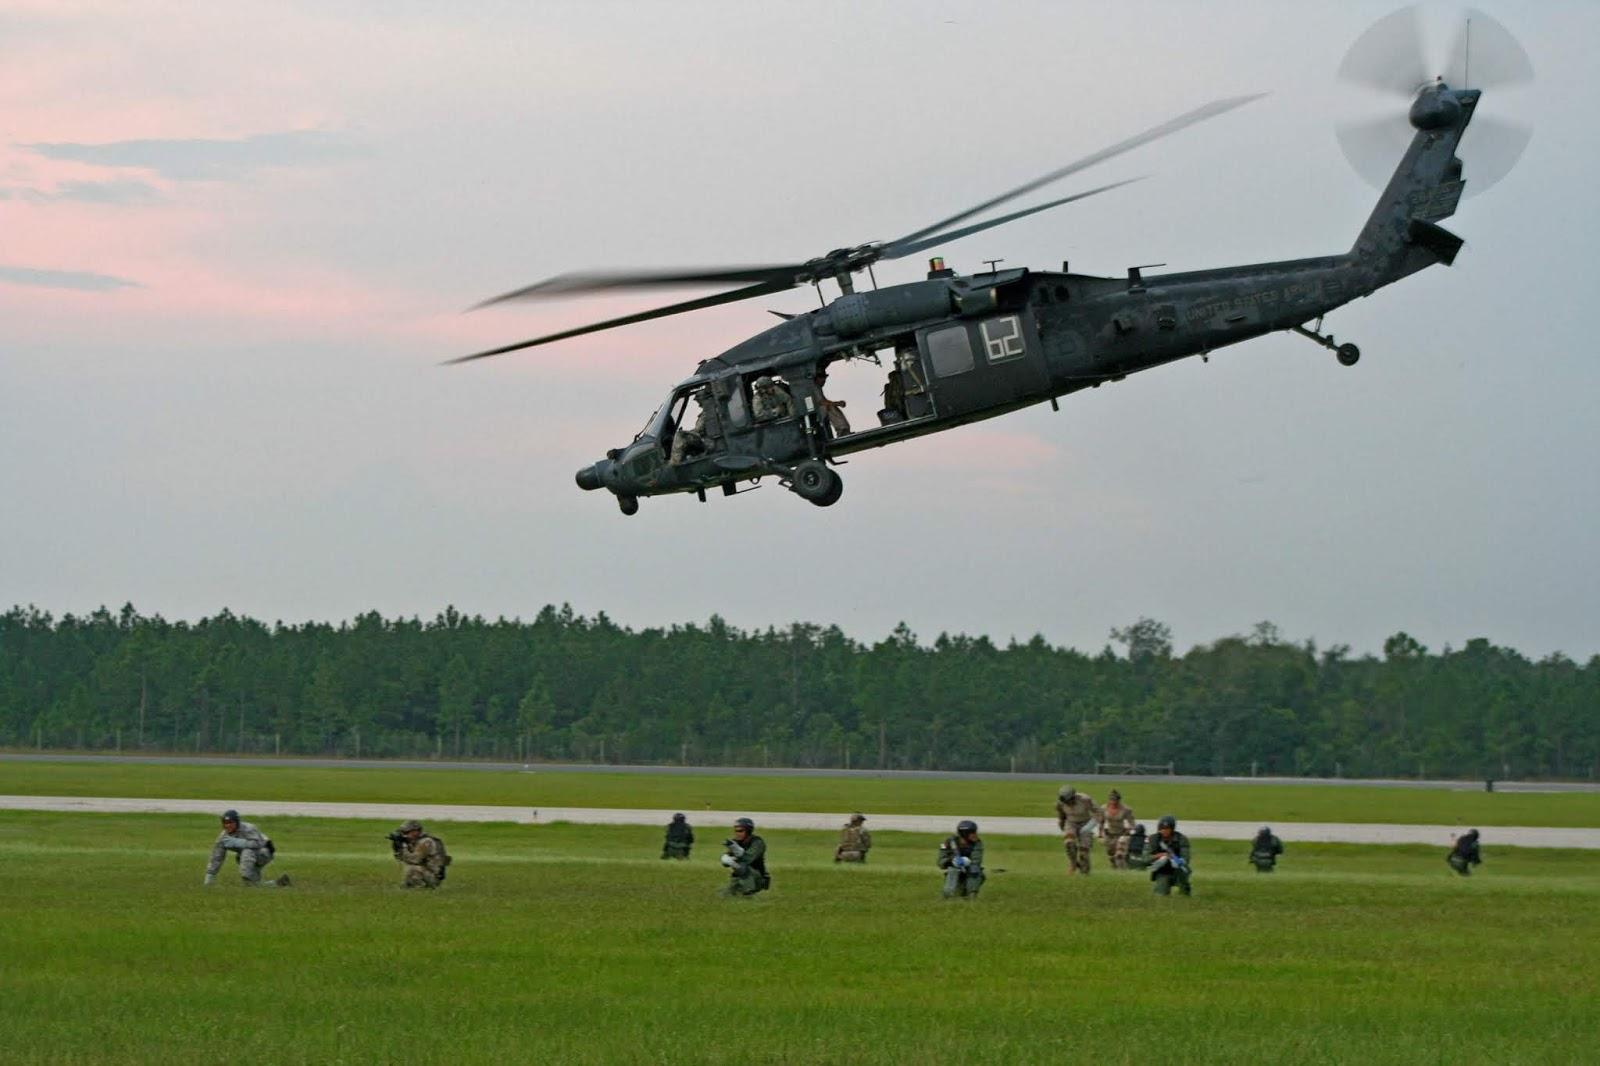 هلیکوپترهایی که در عملیات کشتن ابوبکر البغدادی، رهبر داعش، شرکت کردند از بهترین هلیکوپترهای ارتش ایالات متحده بودند که برای انتقال کماندوهای آمریکایی برای عملیاتهای با ریسک بسیار بالا طراحی شده اند.